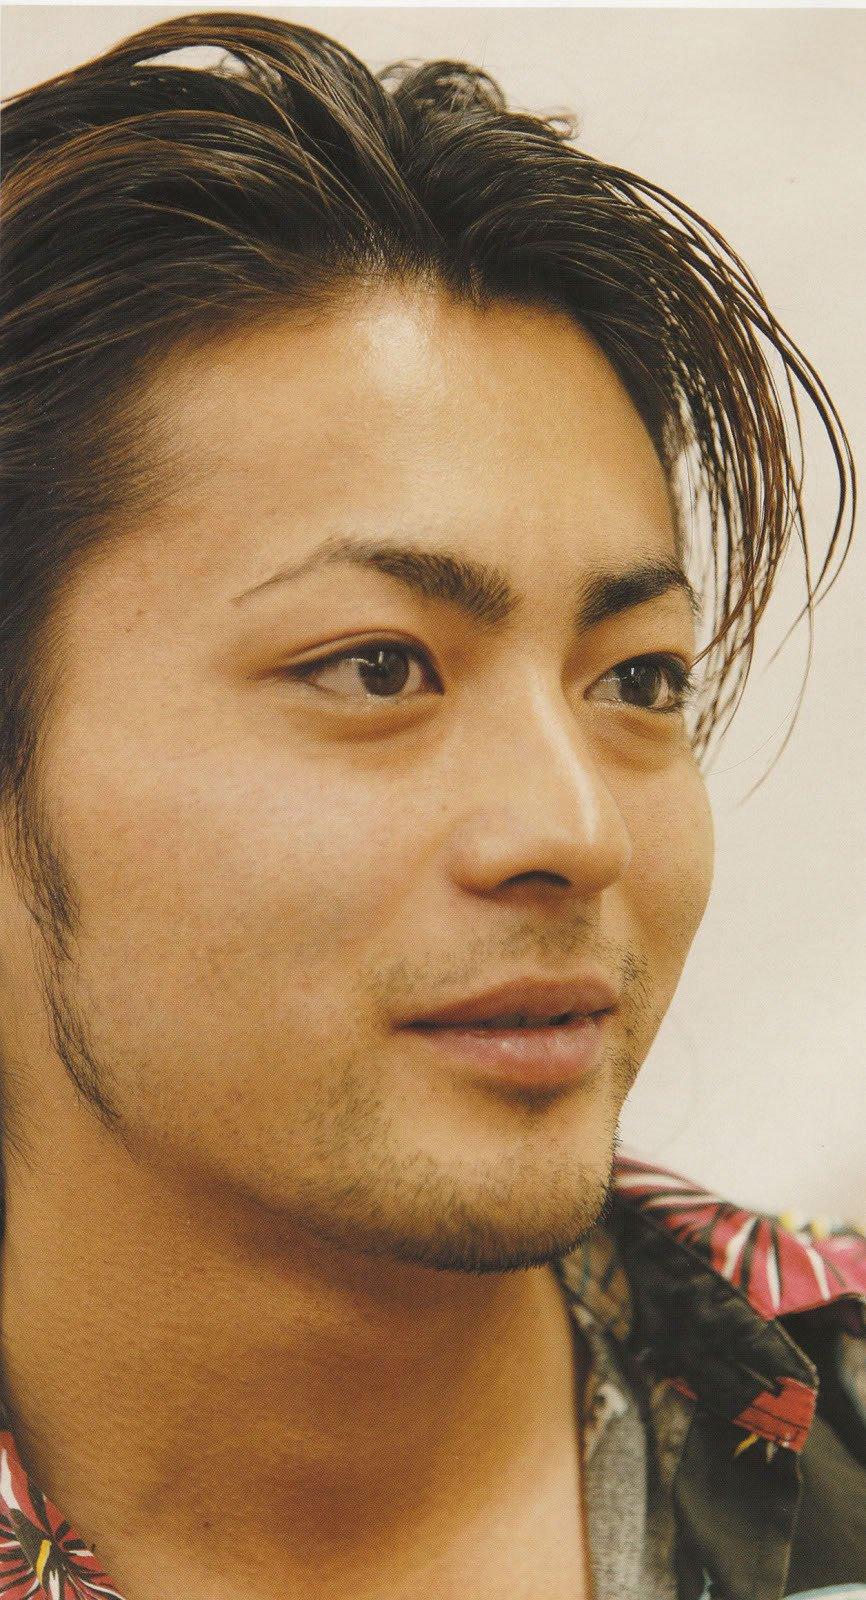 фото Такаюки Ямада